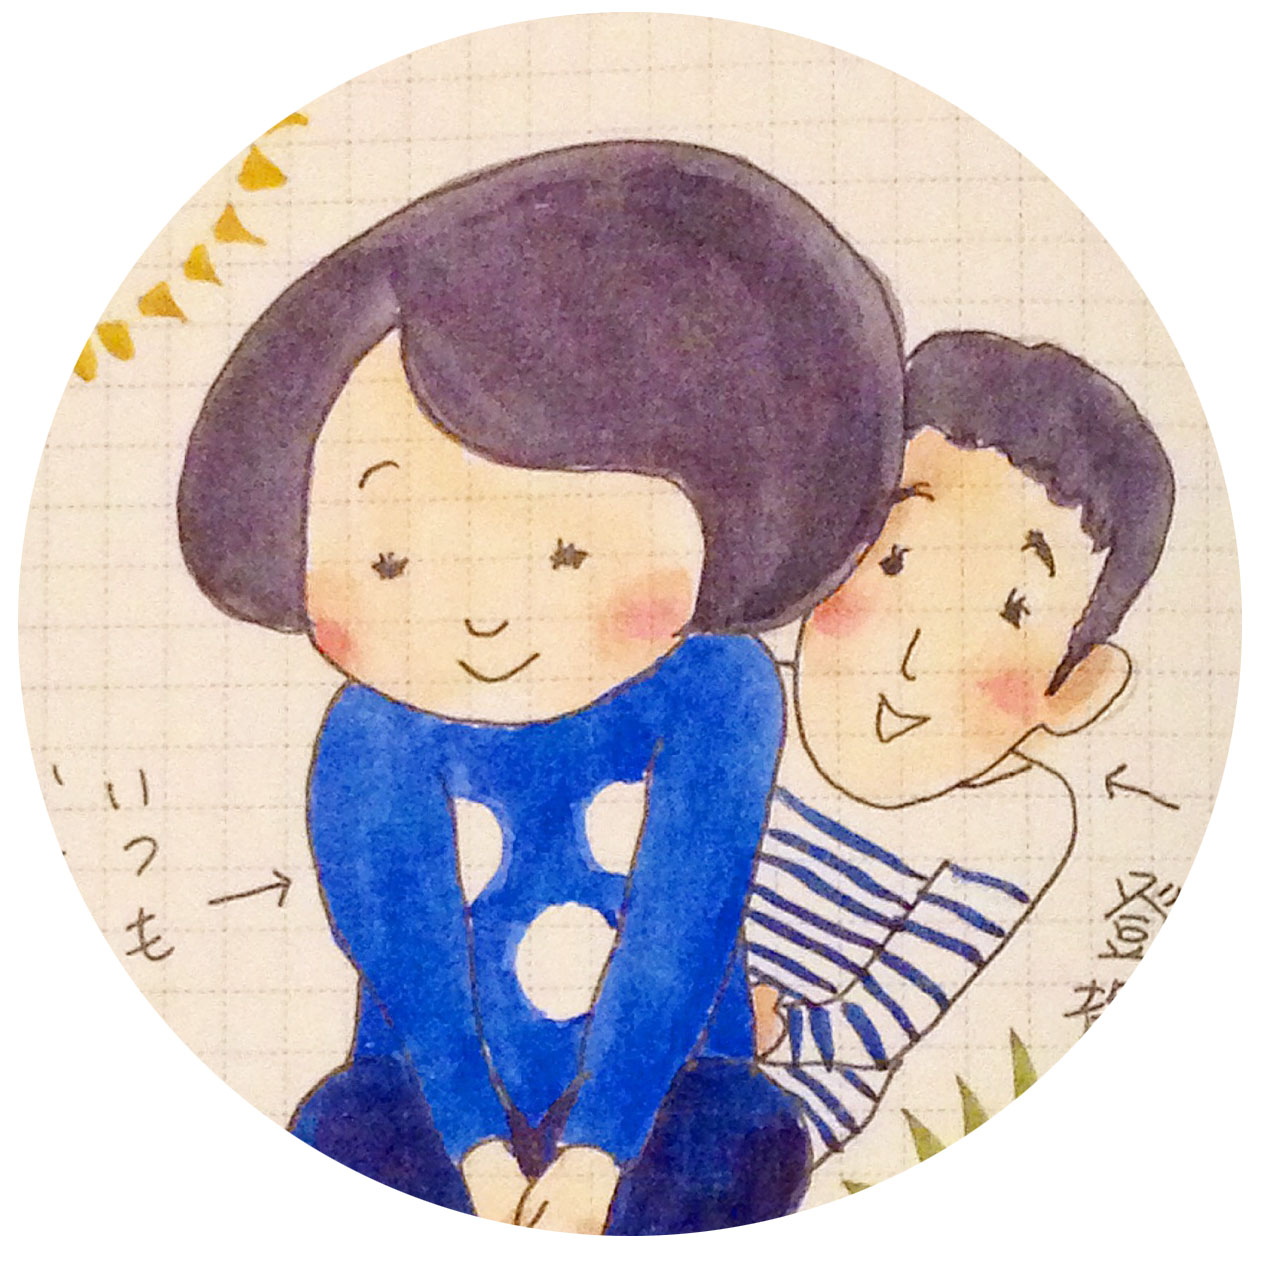 id:mount-hayashi profile image